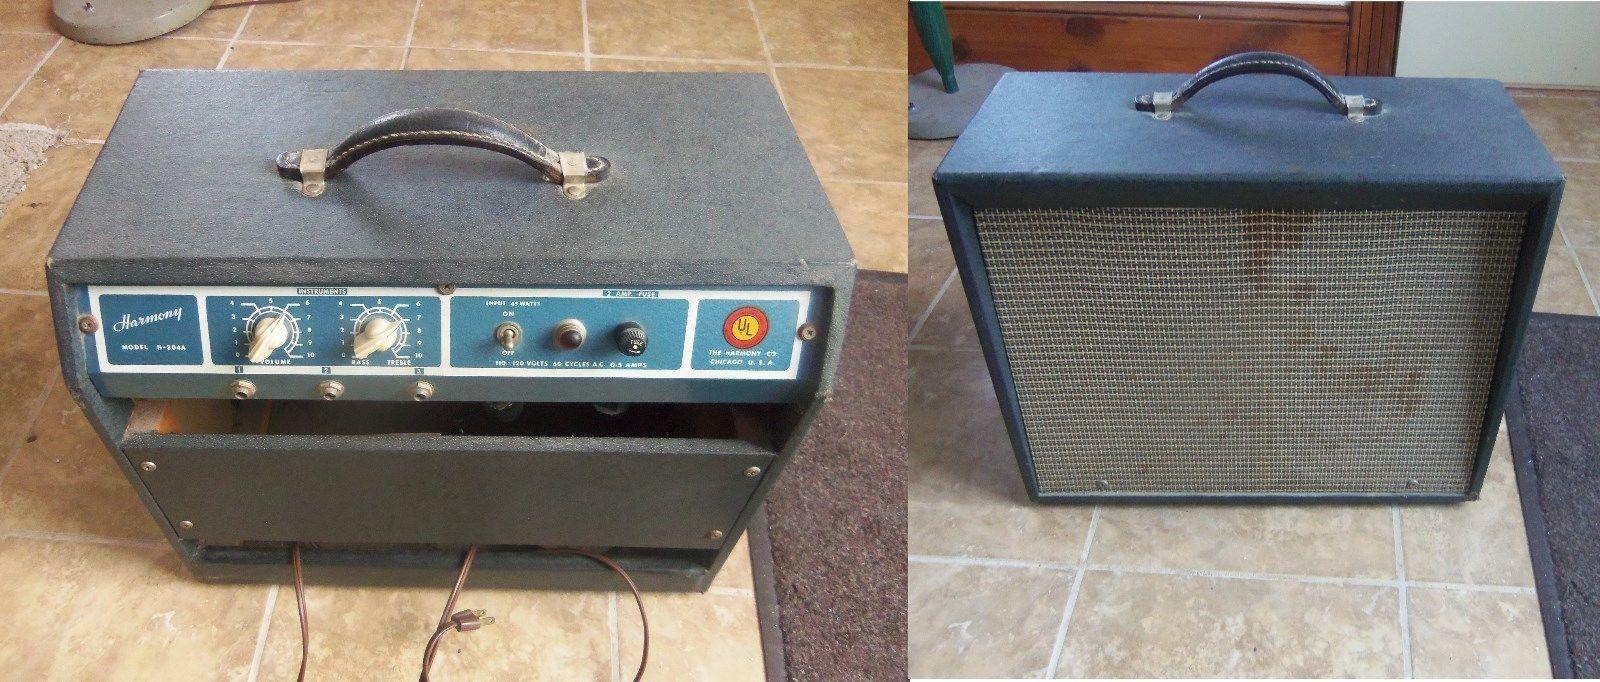 Harmony 304 A Guitar Amp Vintage guitar amp Fender Amp Jensen speaker Tube Amp